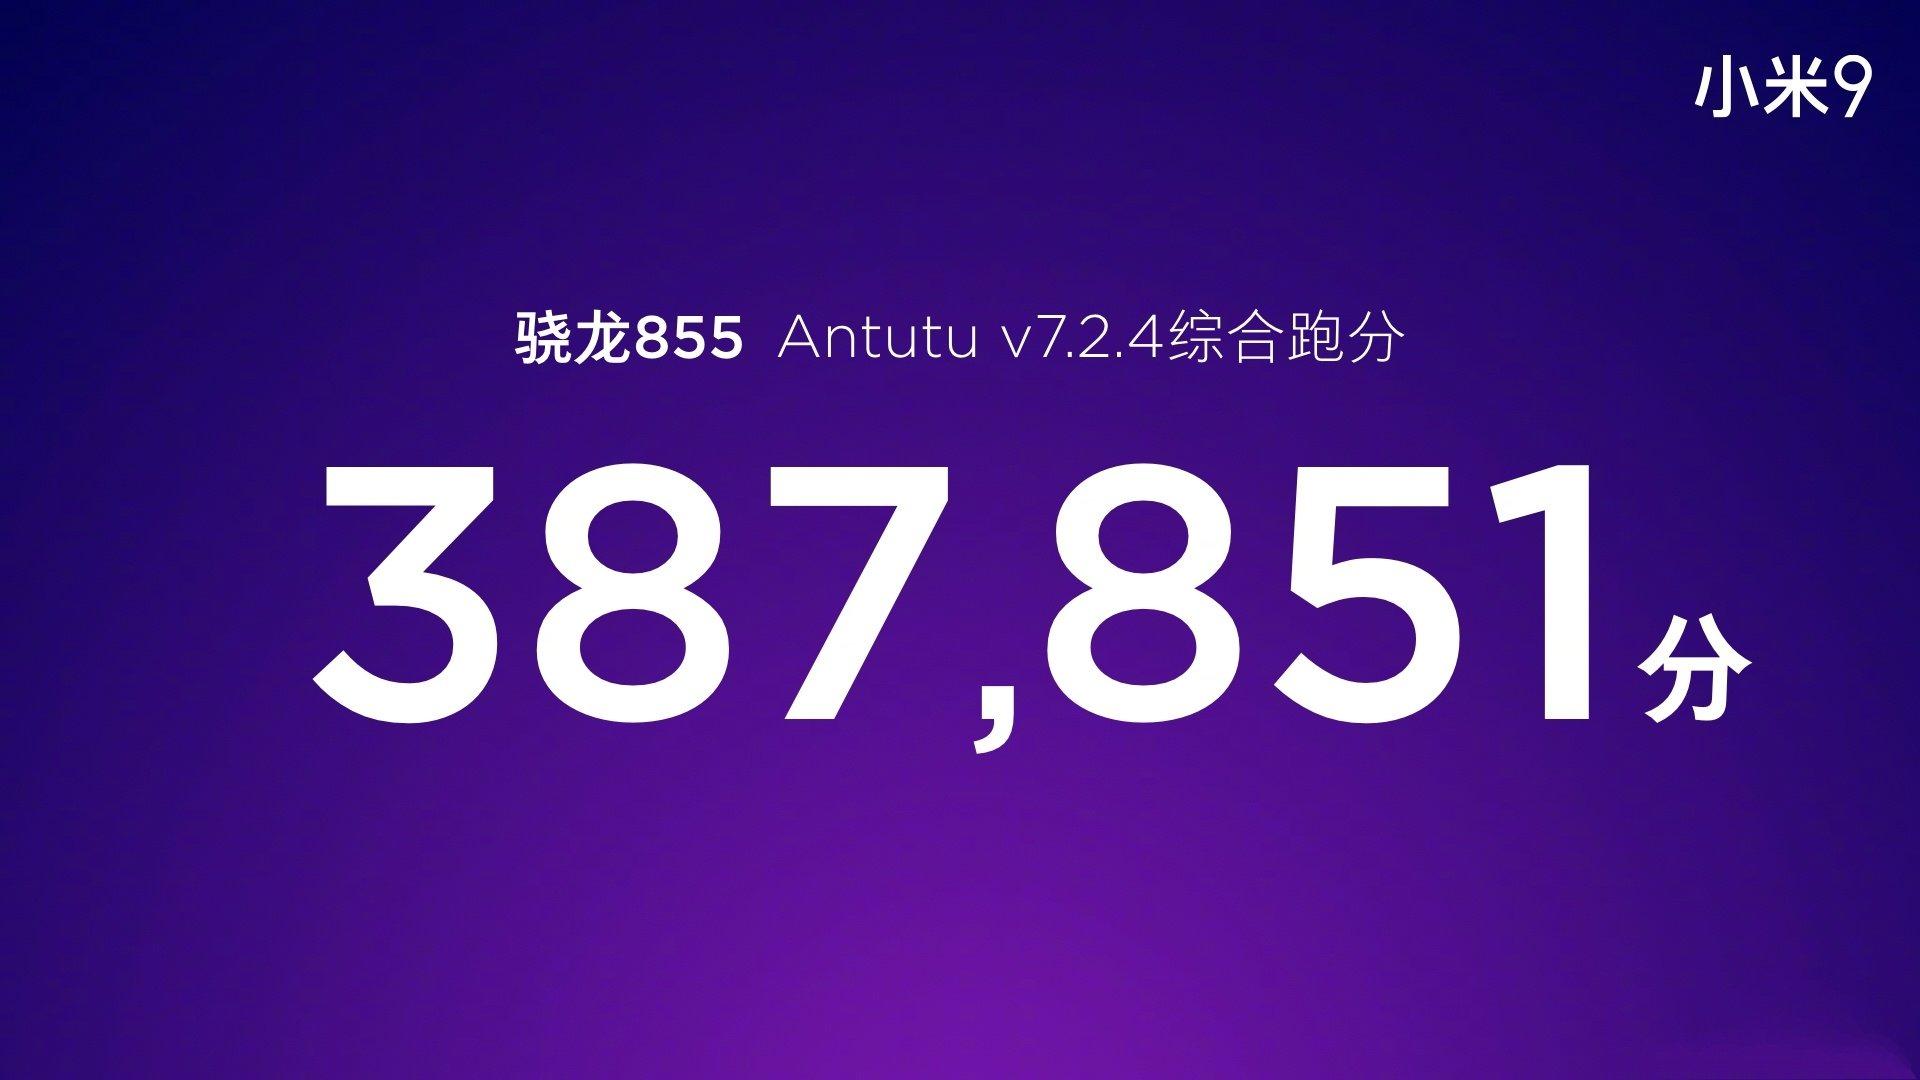 Xiaomi Mi 9 Antutu Benchmark Score